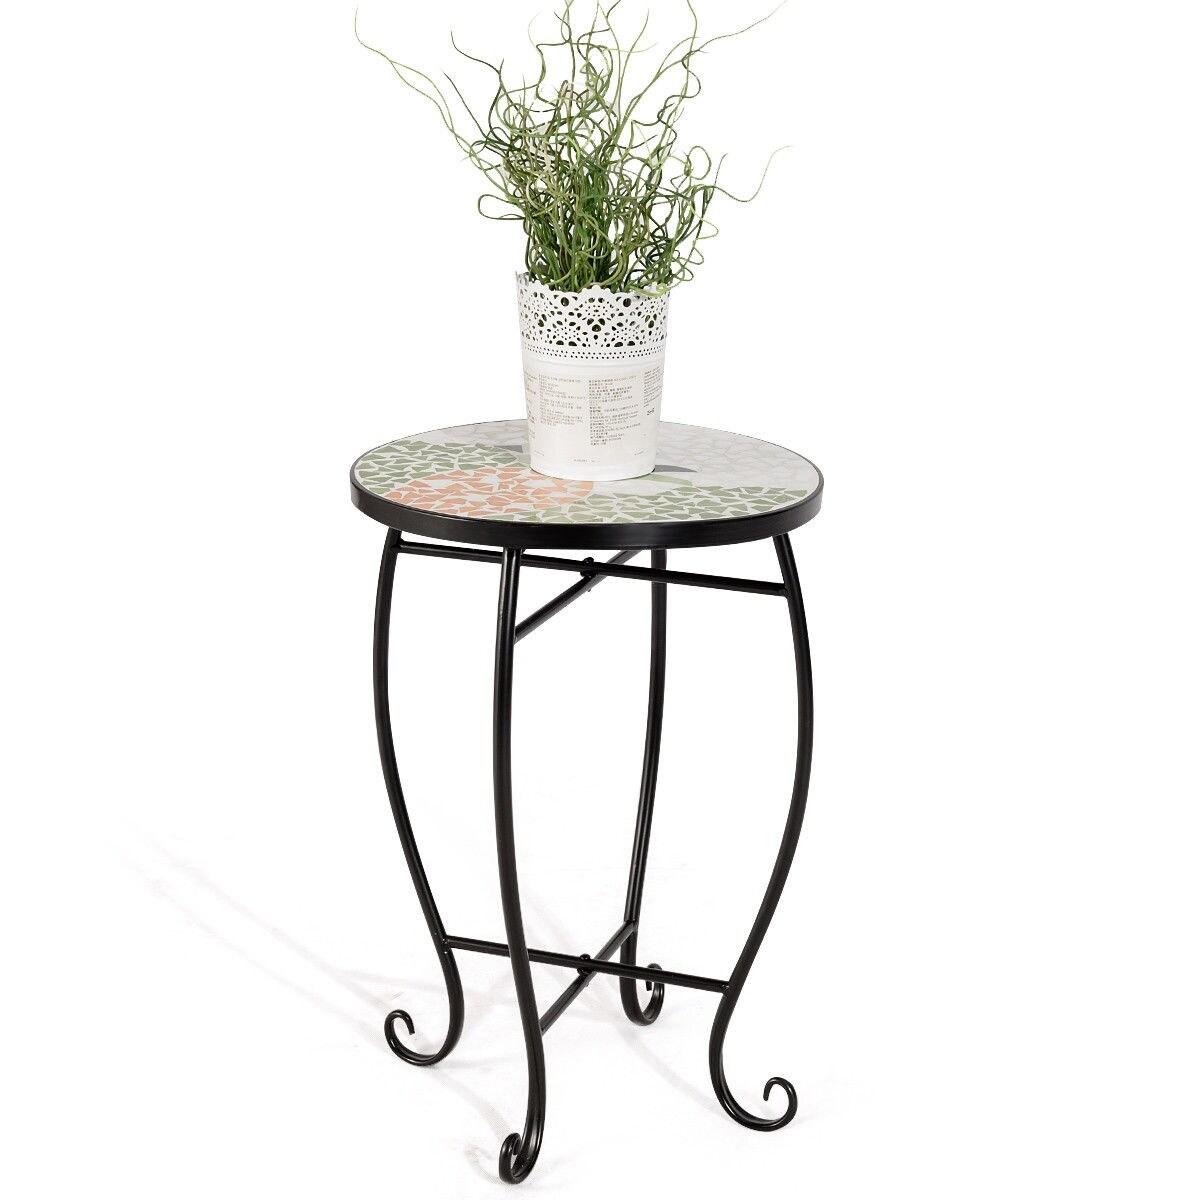 Costway Pineapple Outdoor Indoor Accent Table Plant Stand Scheme Garden  Steel